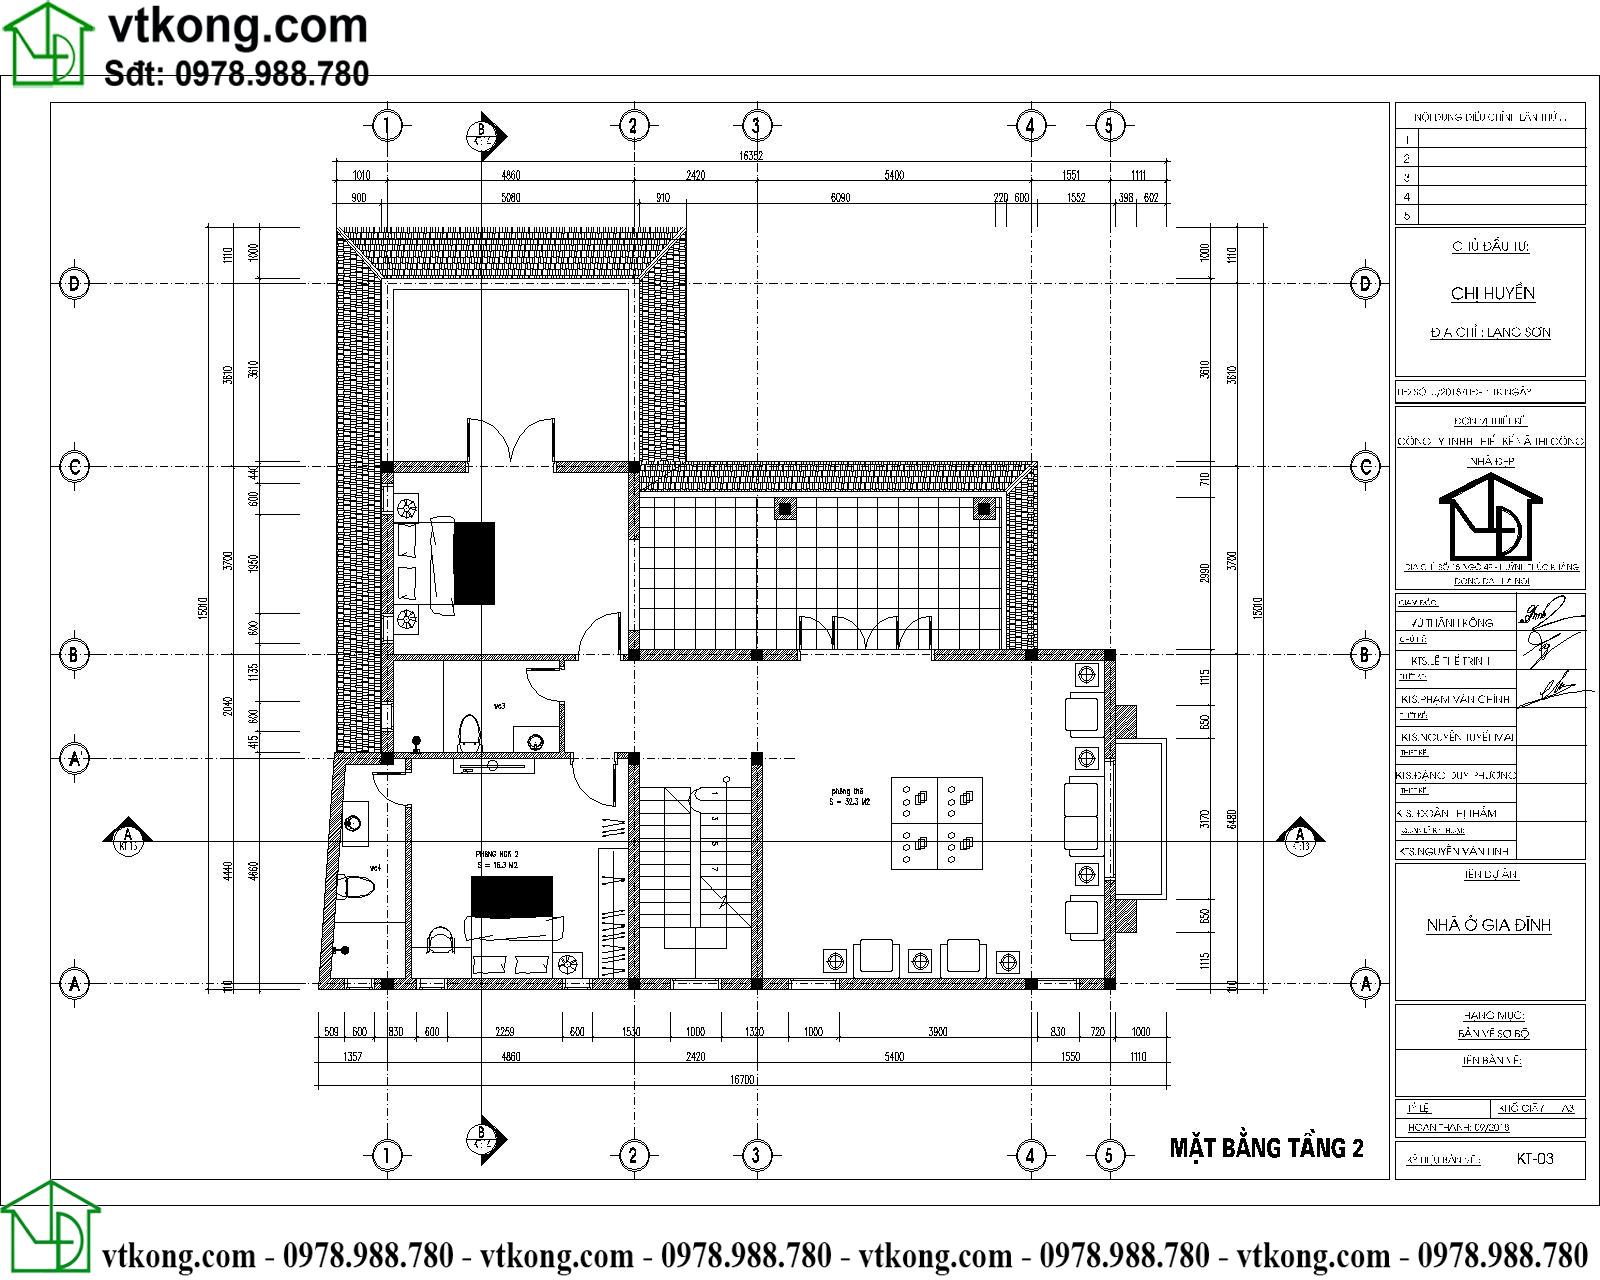 Mẫu thiết kế biệt thự 2 tầng chữ L 14x16m đẹp BT2T61 4